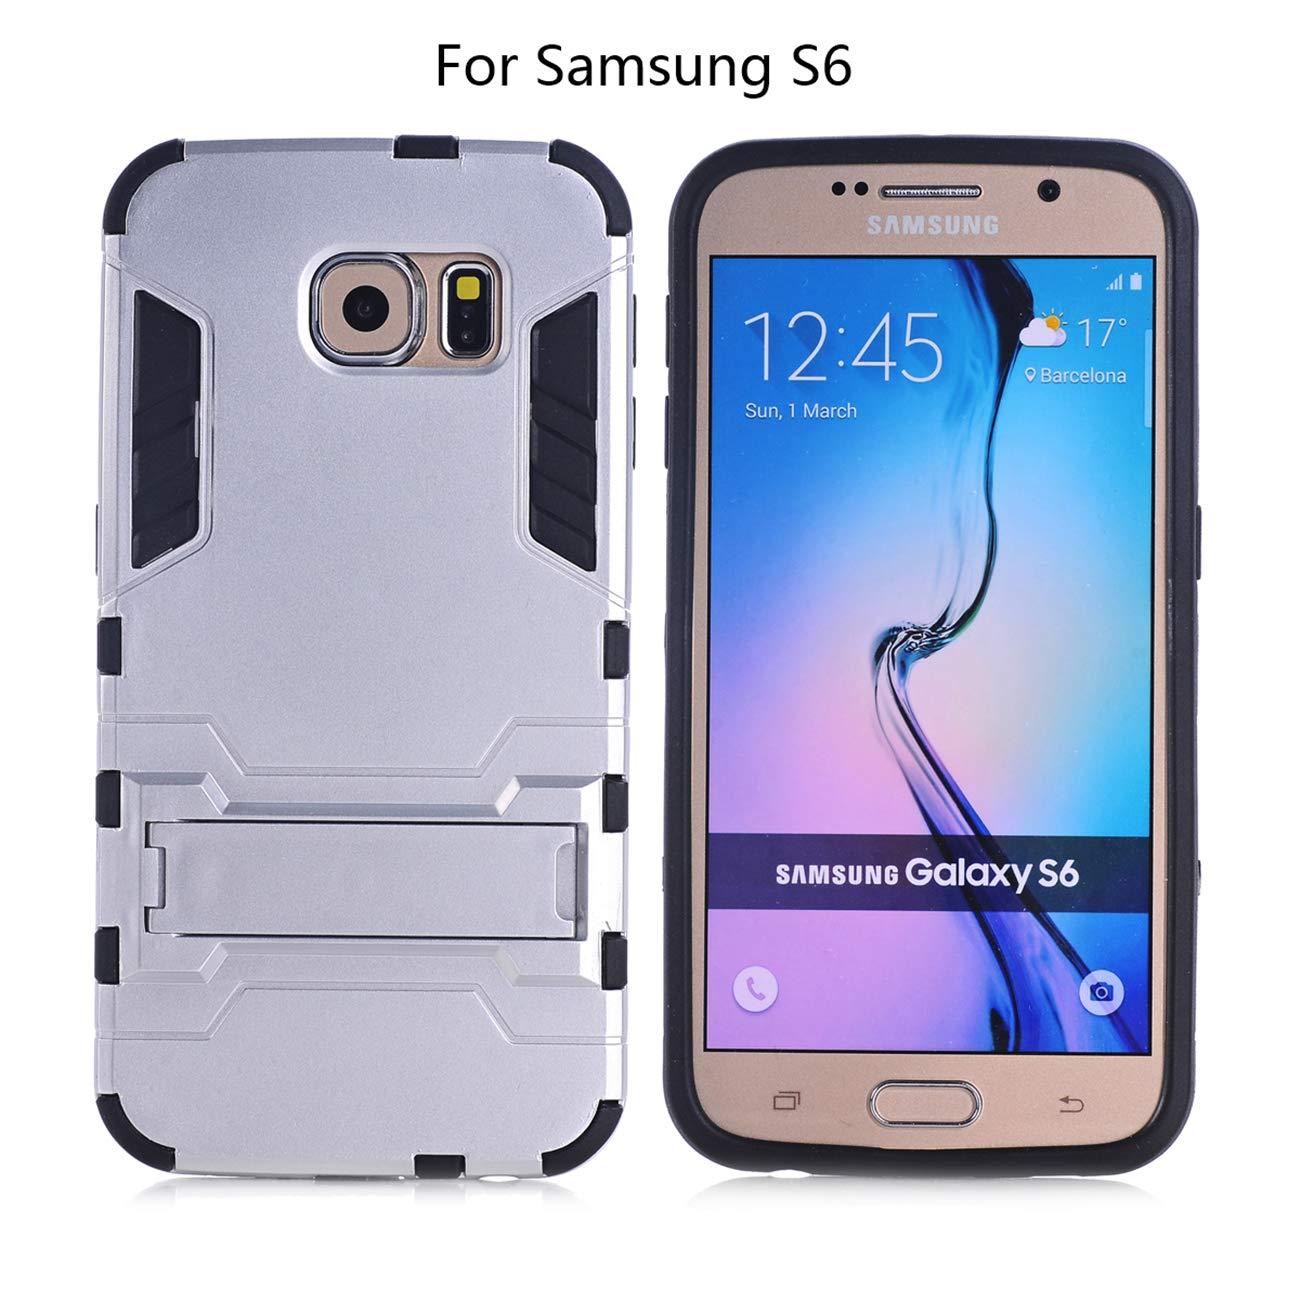 Samsung A5 2017 panzerglas schutzfolie 360 Grad PC Hardcase 3 in 1 Anti-Kratzer Bumper Schutzh/ülle-Schwarz Samsung A5 2017 H/ülle,Handyh/ülle